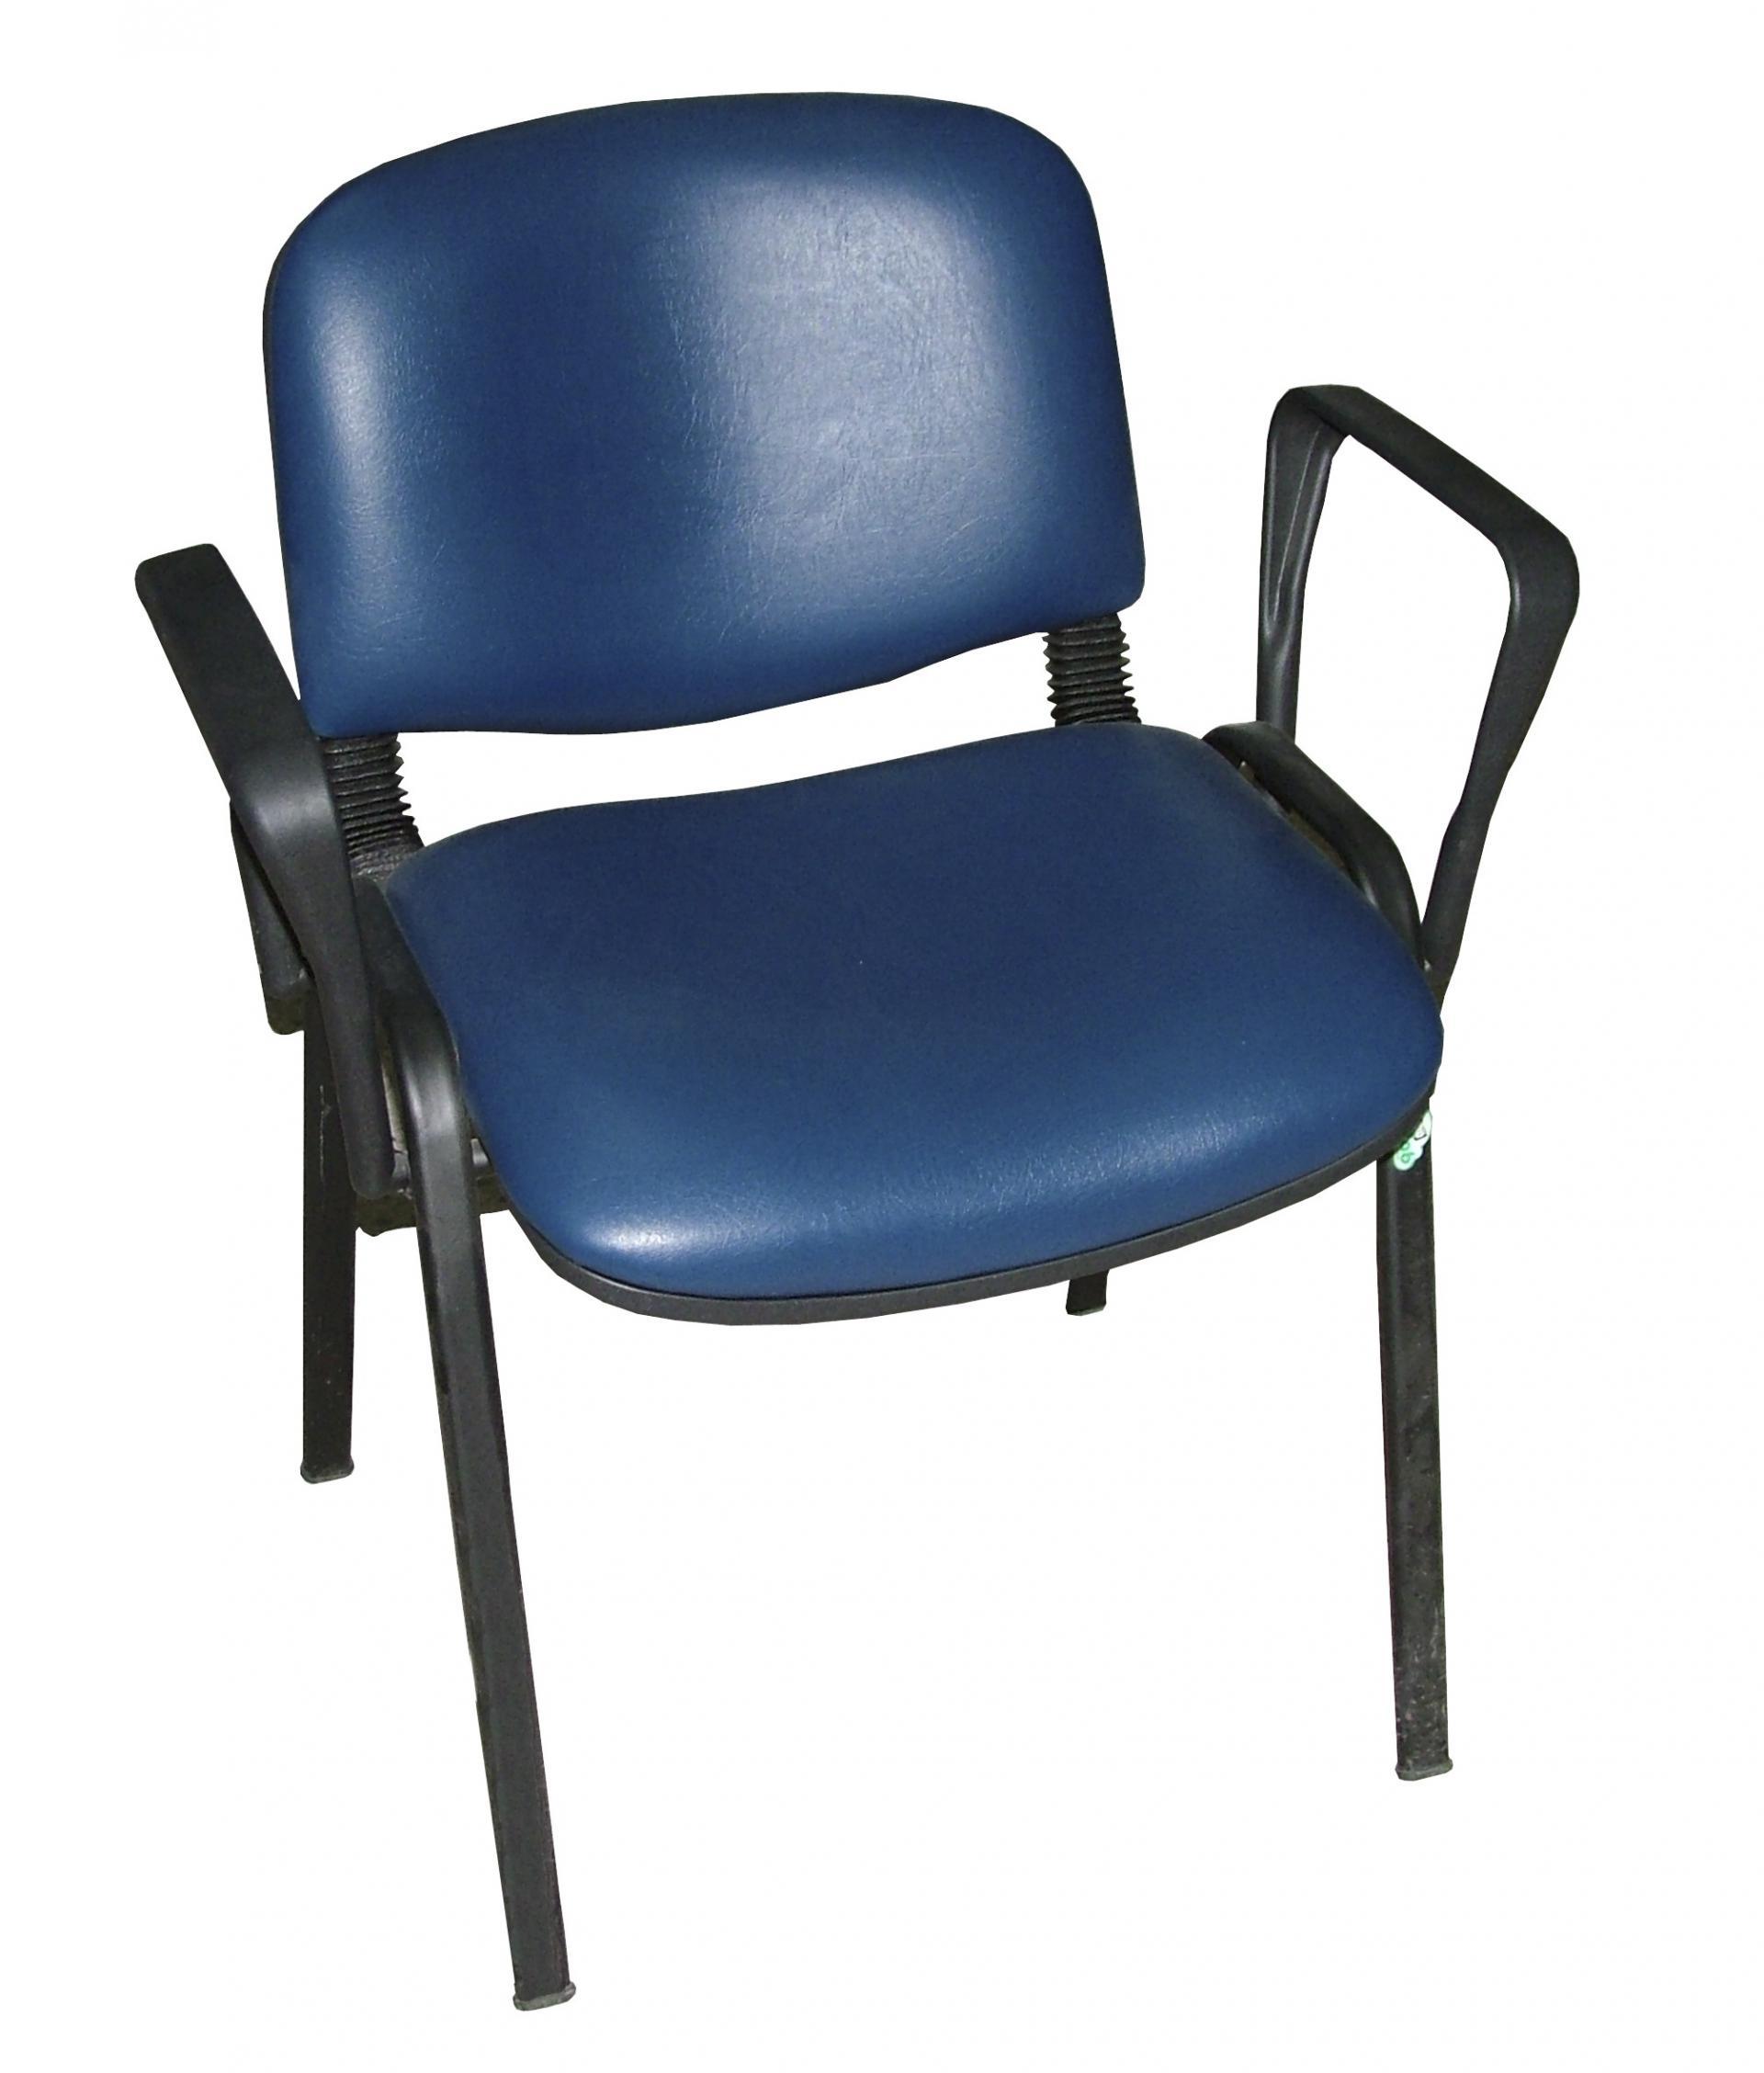 Chaises visiteurs si ges et fauteuils - Chaises visiteurs design ...